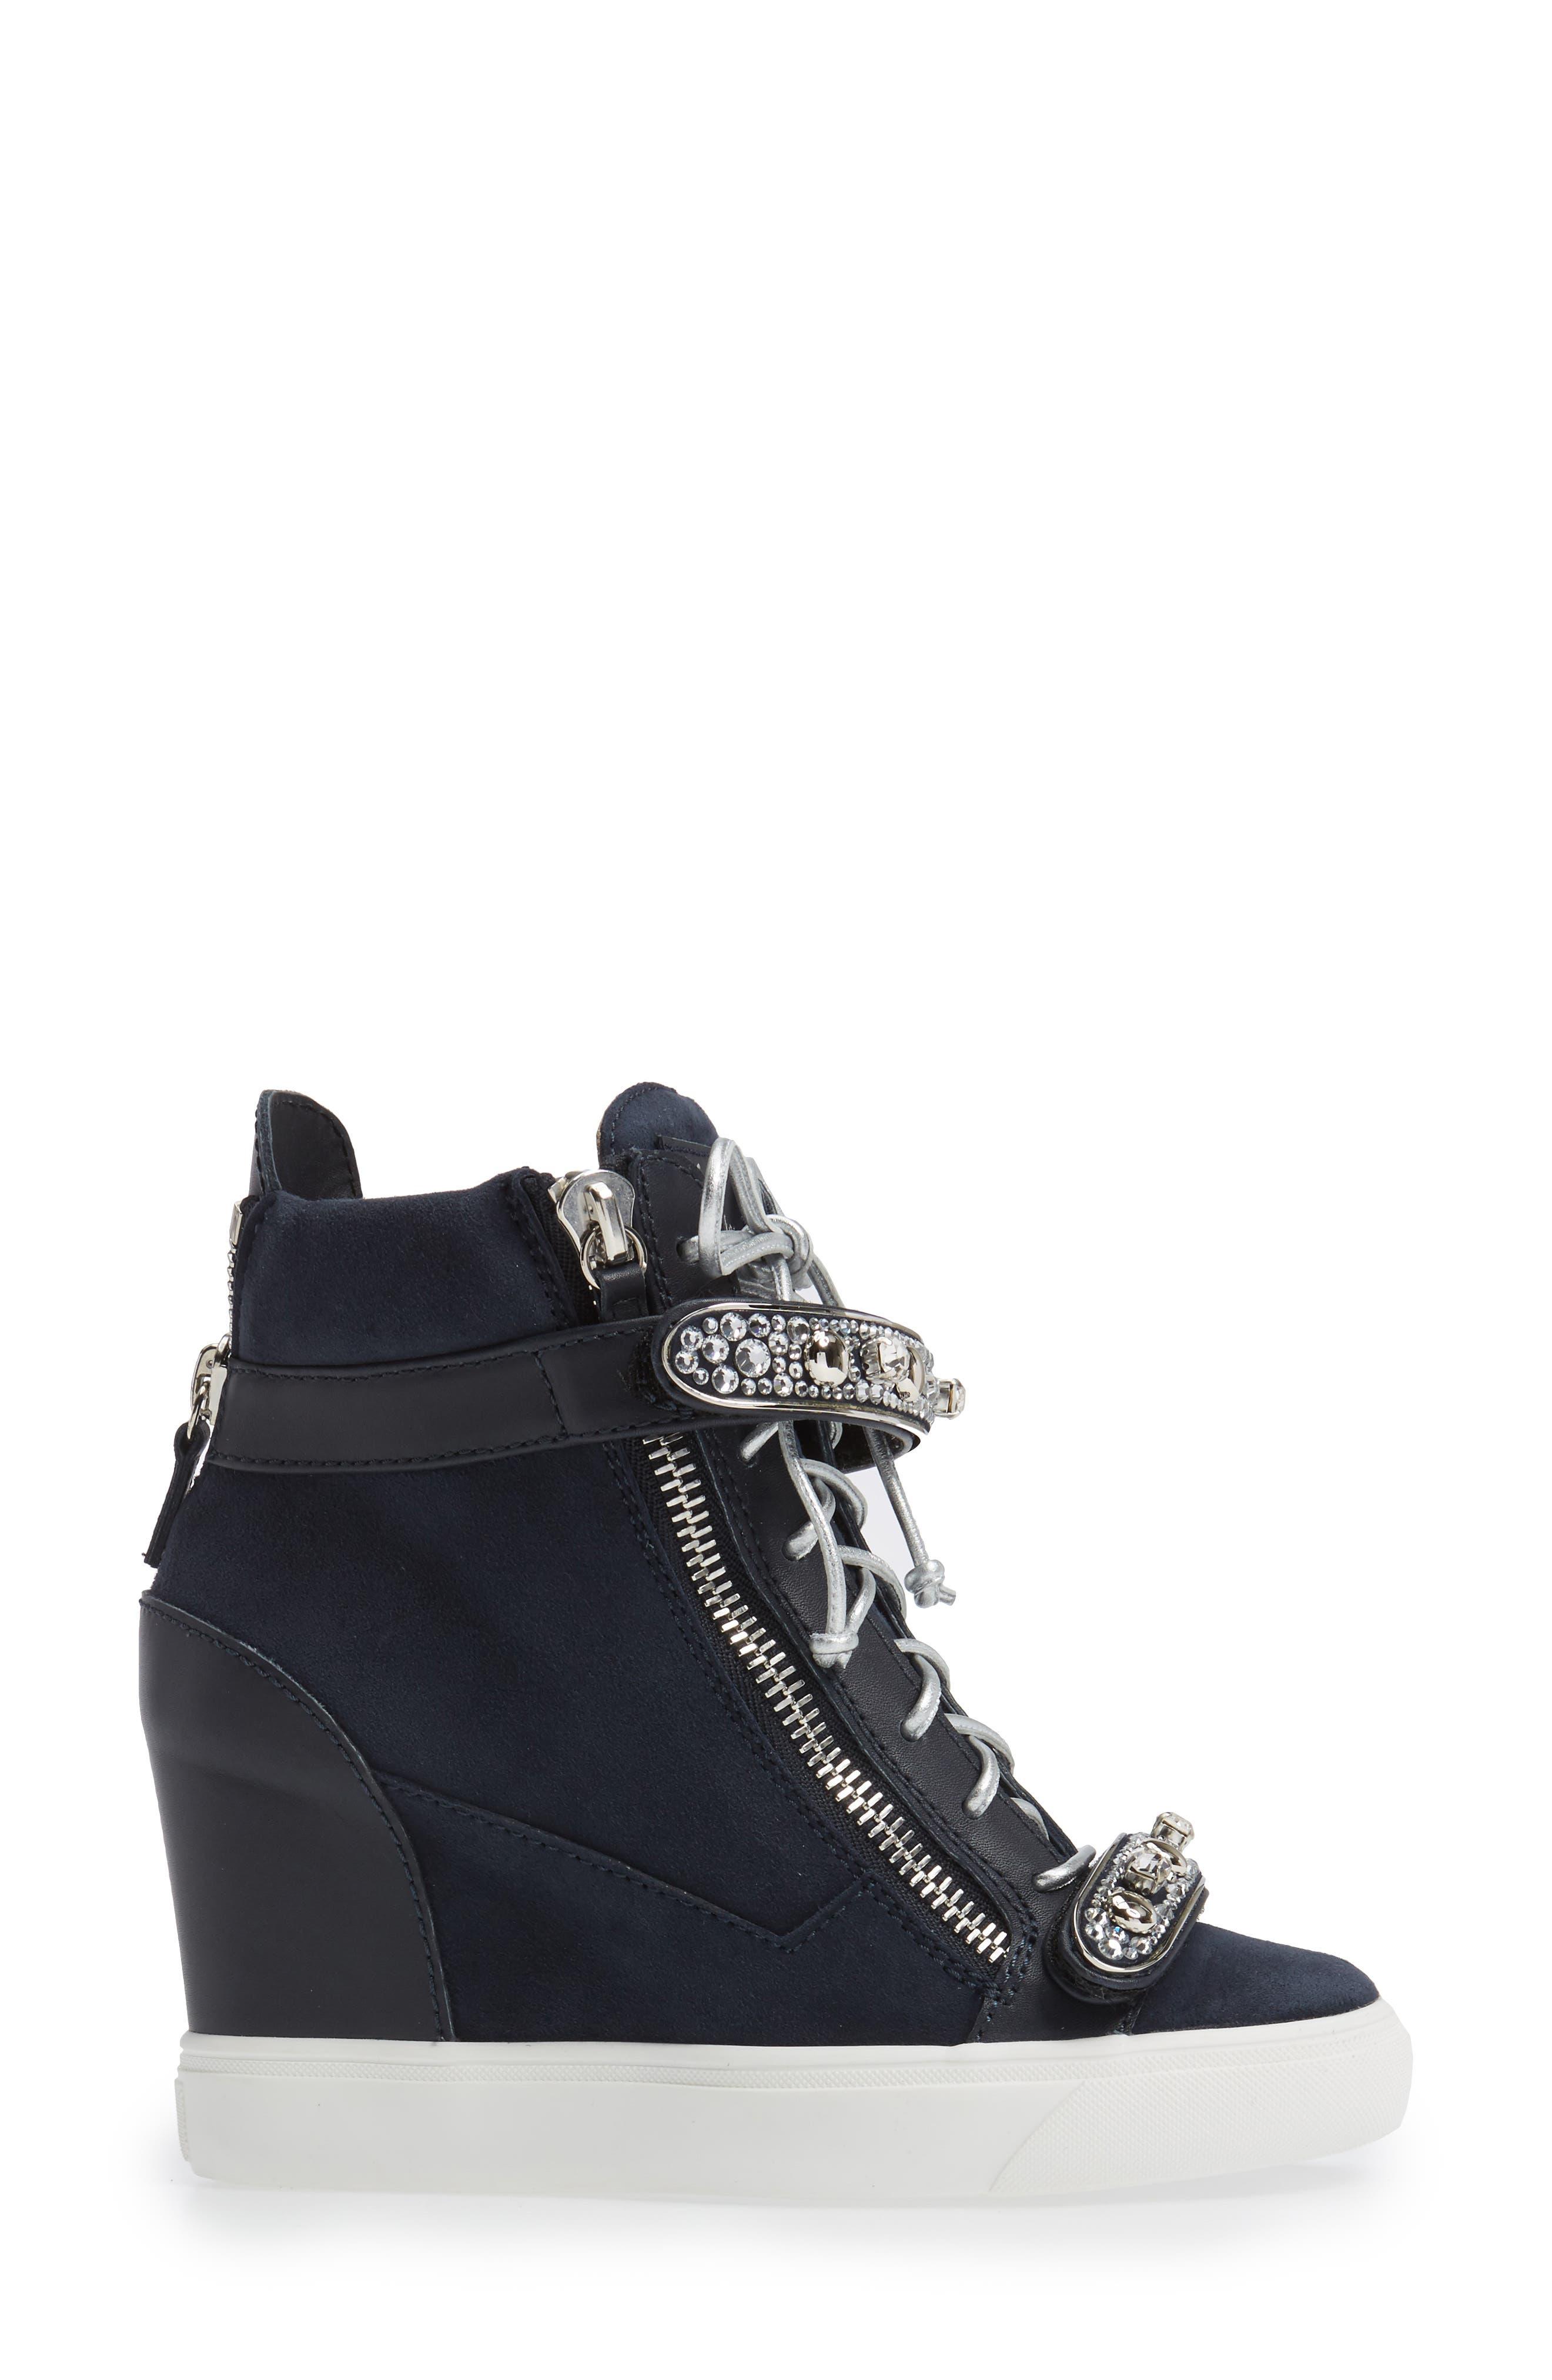 Giuseppe for Jennifer Lopez Tiana Hidden Wedge Sneaker,                             Alternate thumbnail 6, color,